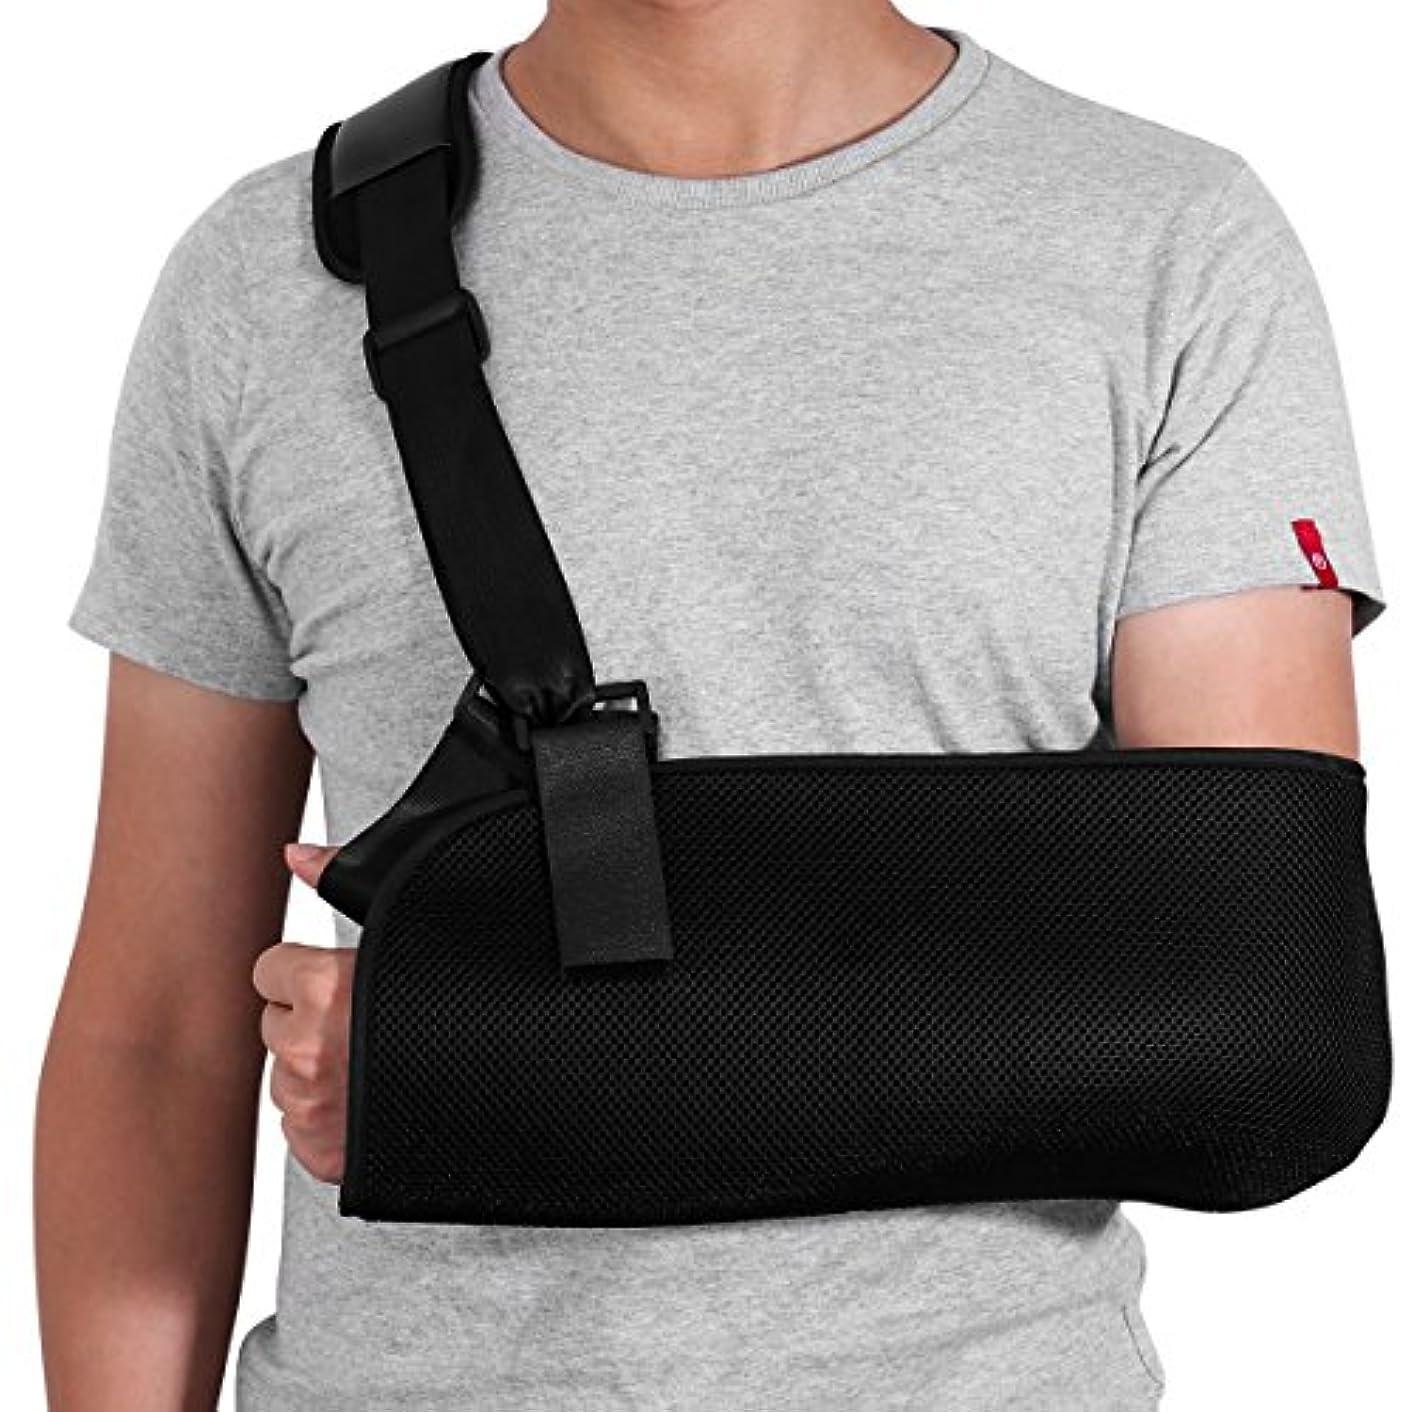 平均限りなく容疑者ROSENICE アームスリング - 壊れた骨折したアームのためのショルダーイモビライザー - 調節可能なアーム、ショルダーローテーターカフサポートブレース - 涙、脱臼、捻挫およびひずみ